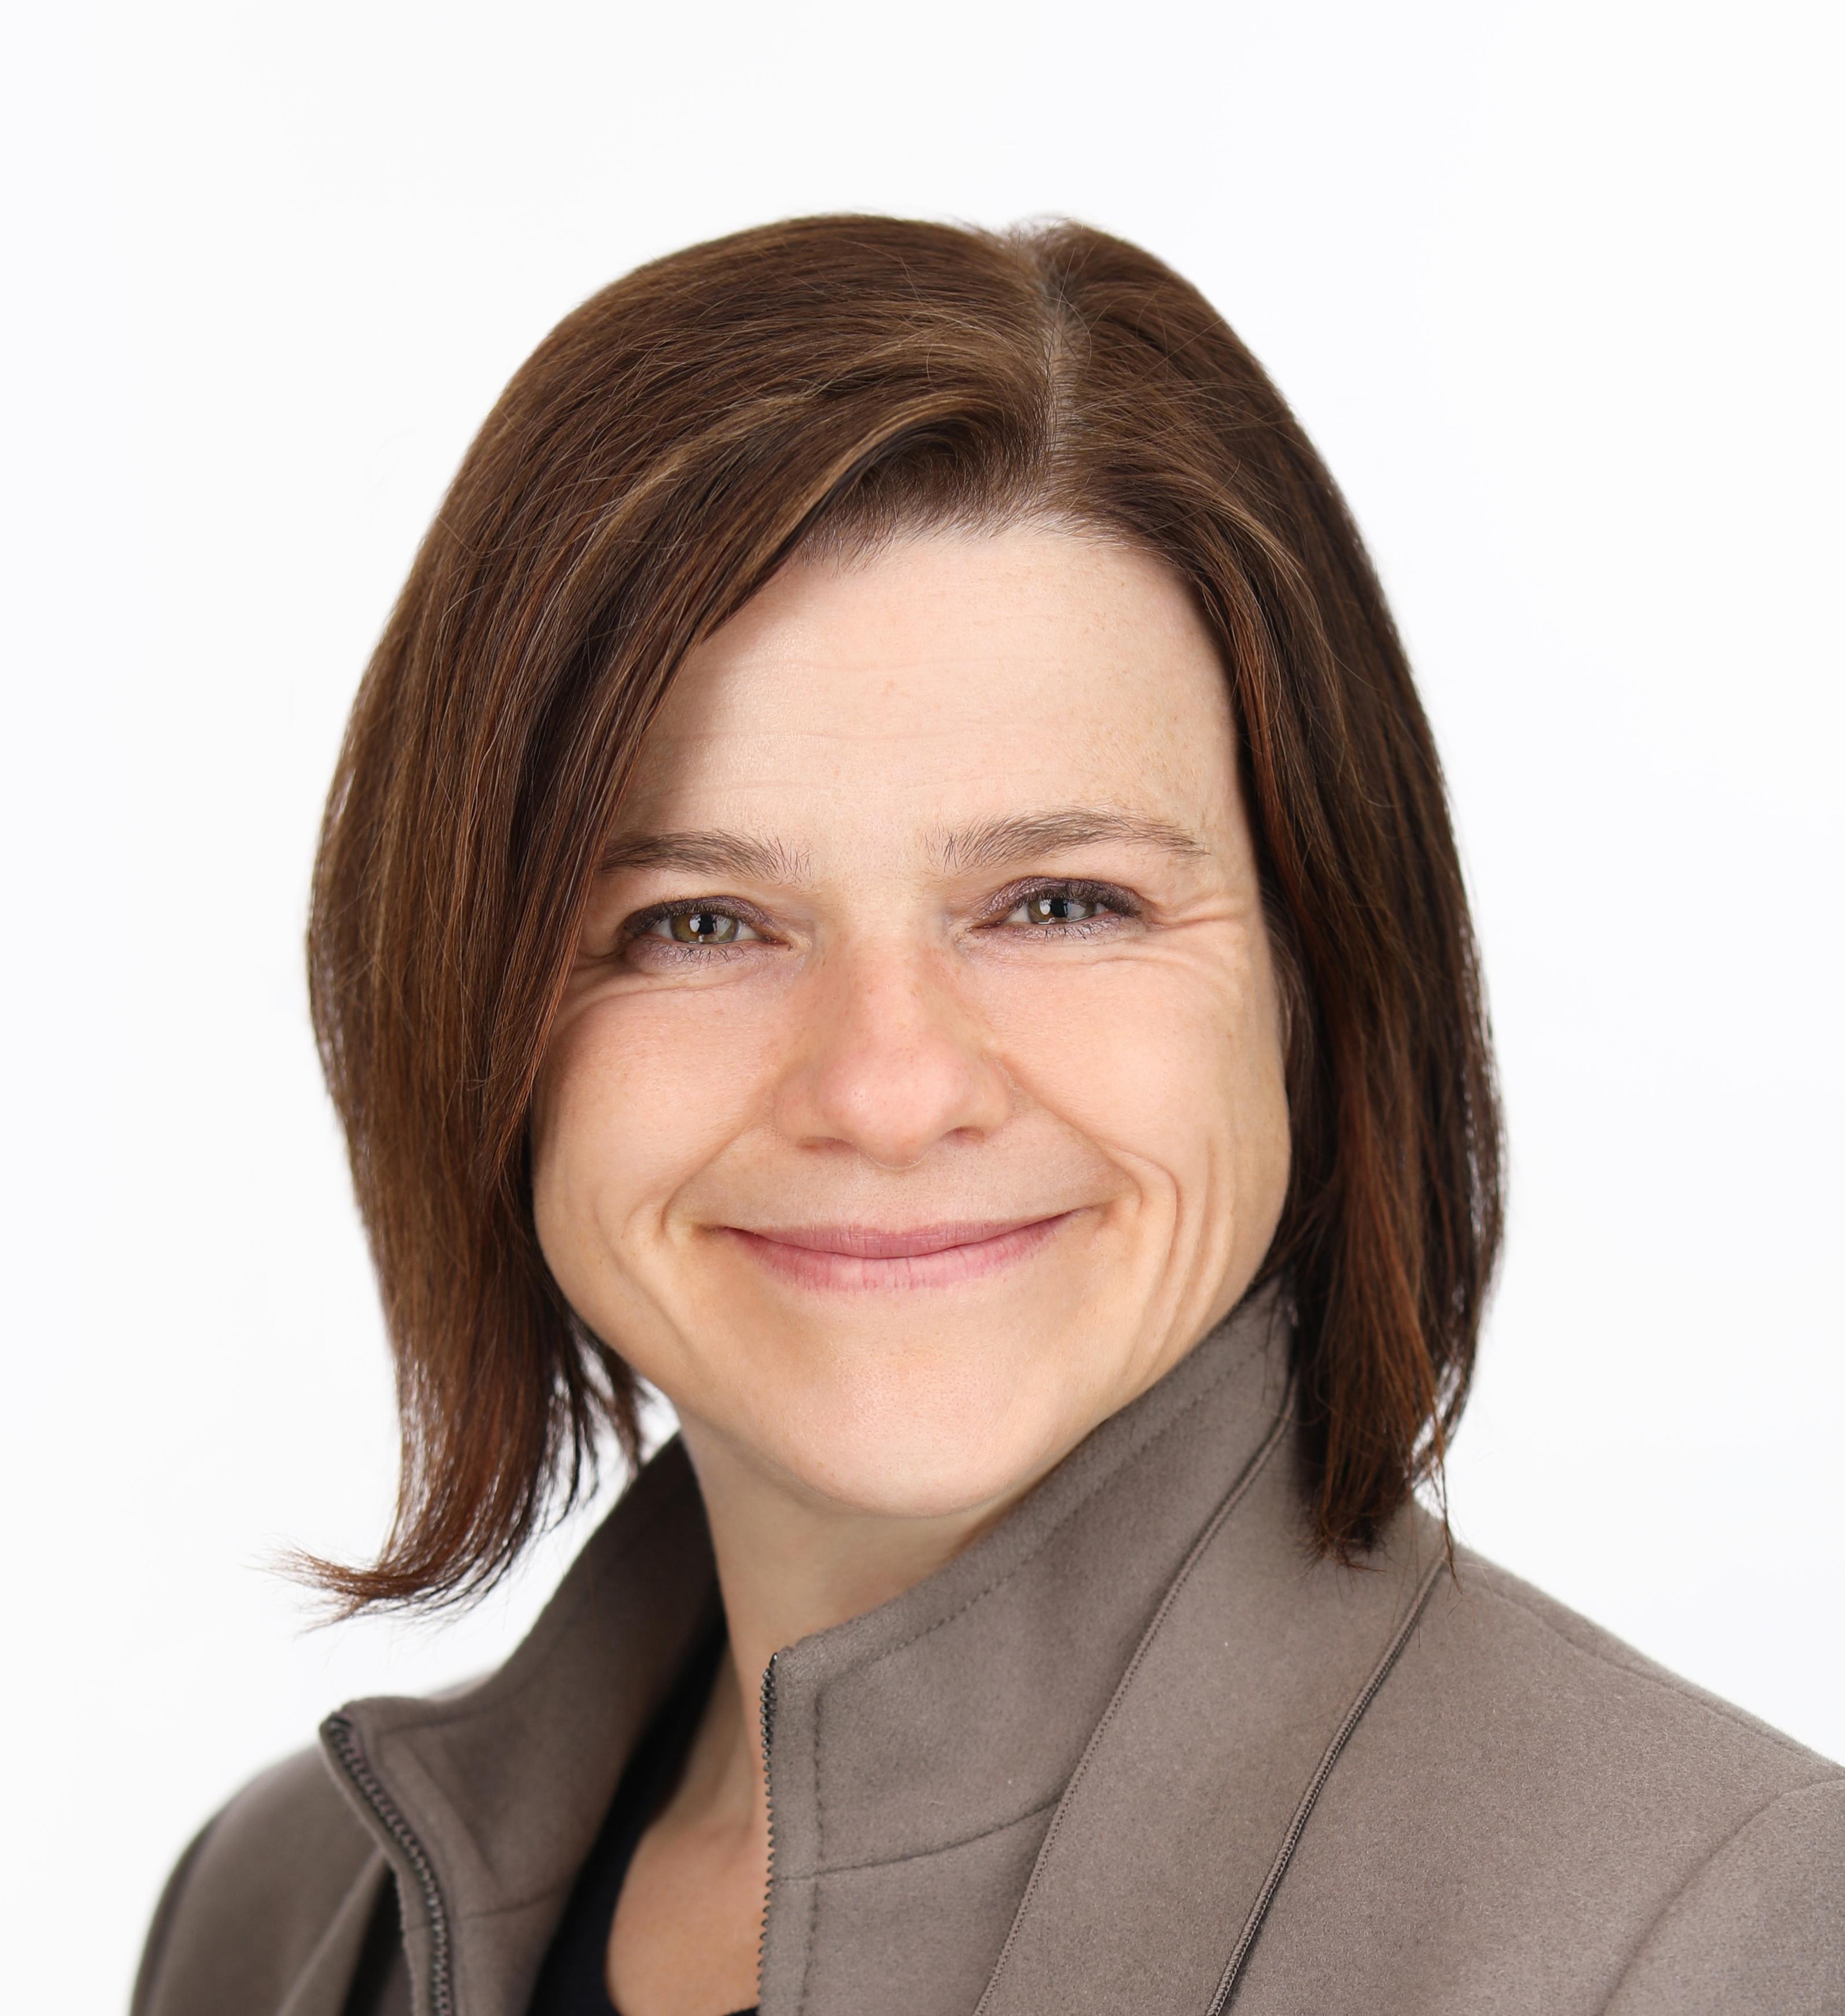 Nicola Simon